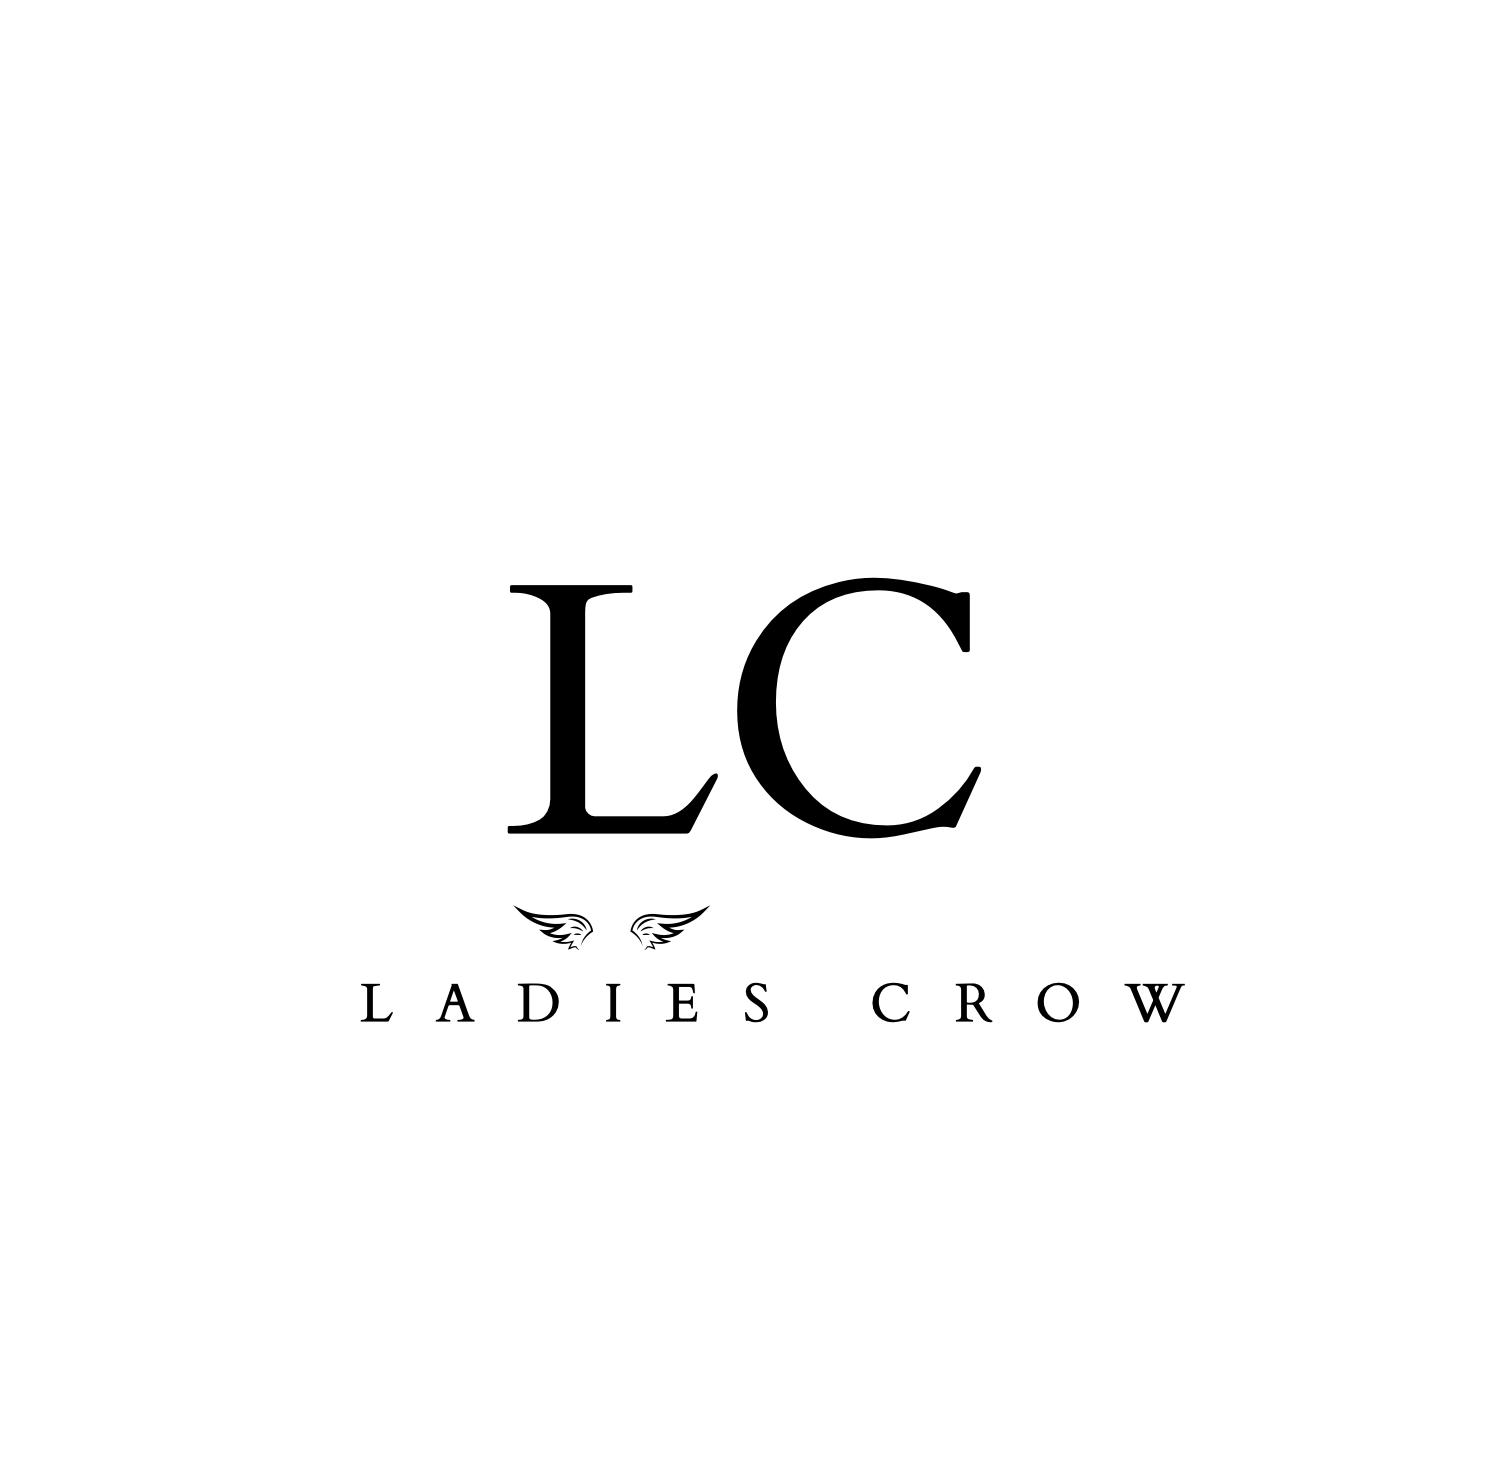 ladiescrow